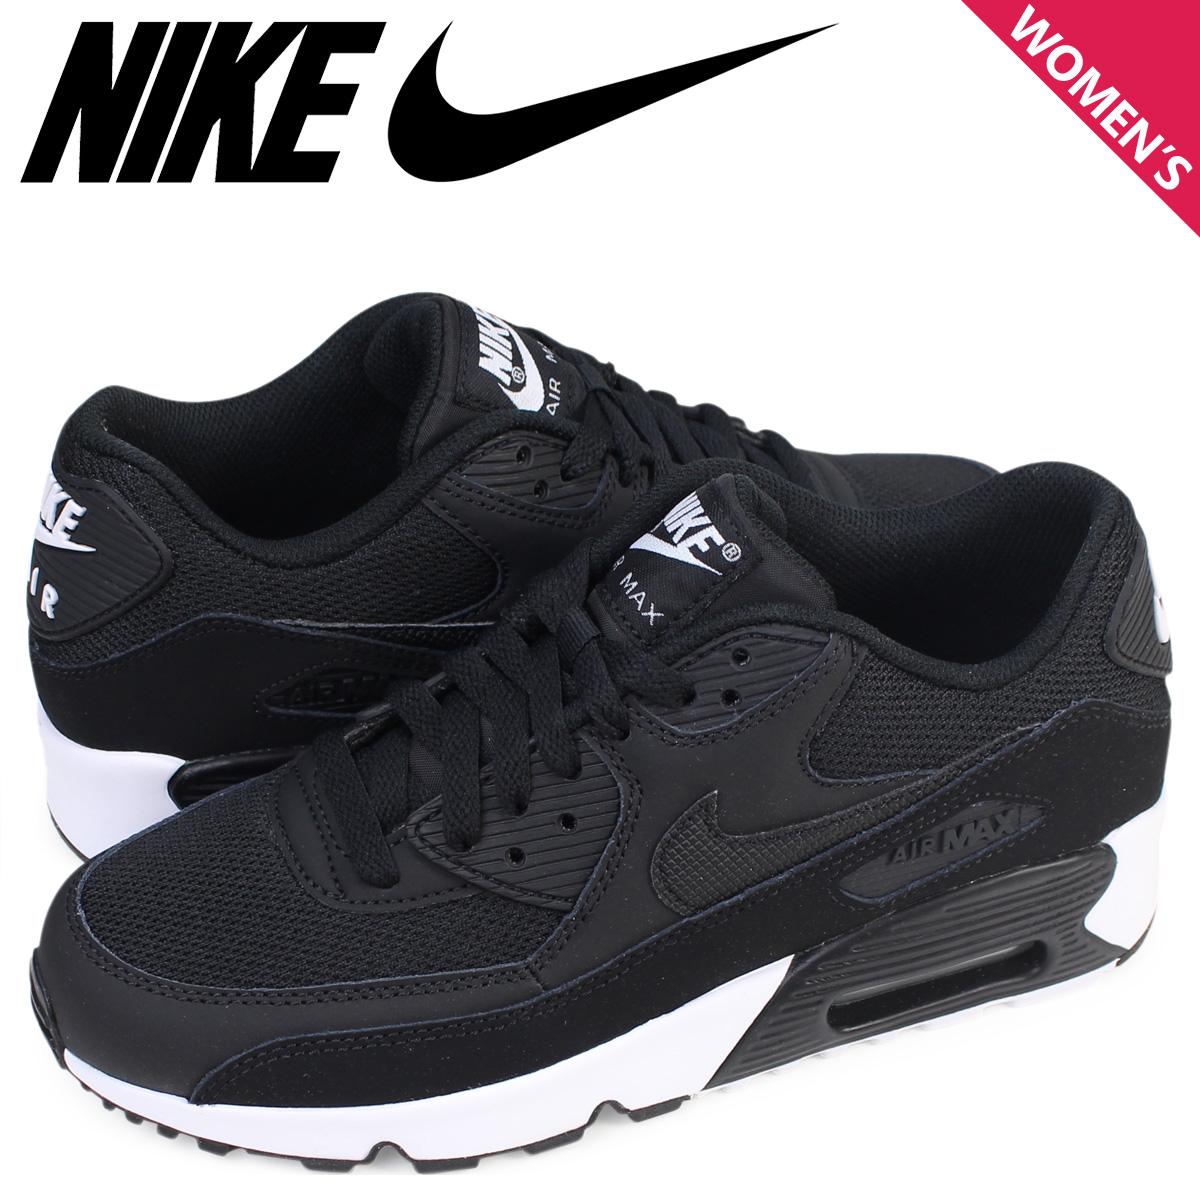 Sugar Online Shop  Nike NIKE Air Max 90 Lady s sneakers AIR MAX 90 ... 301d02e350